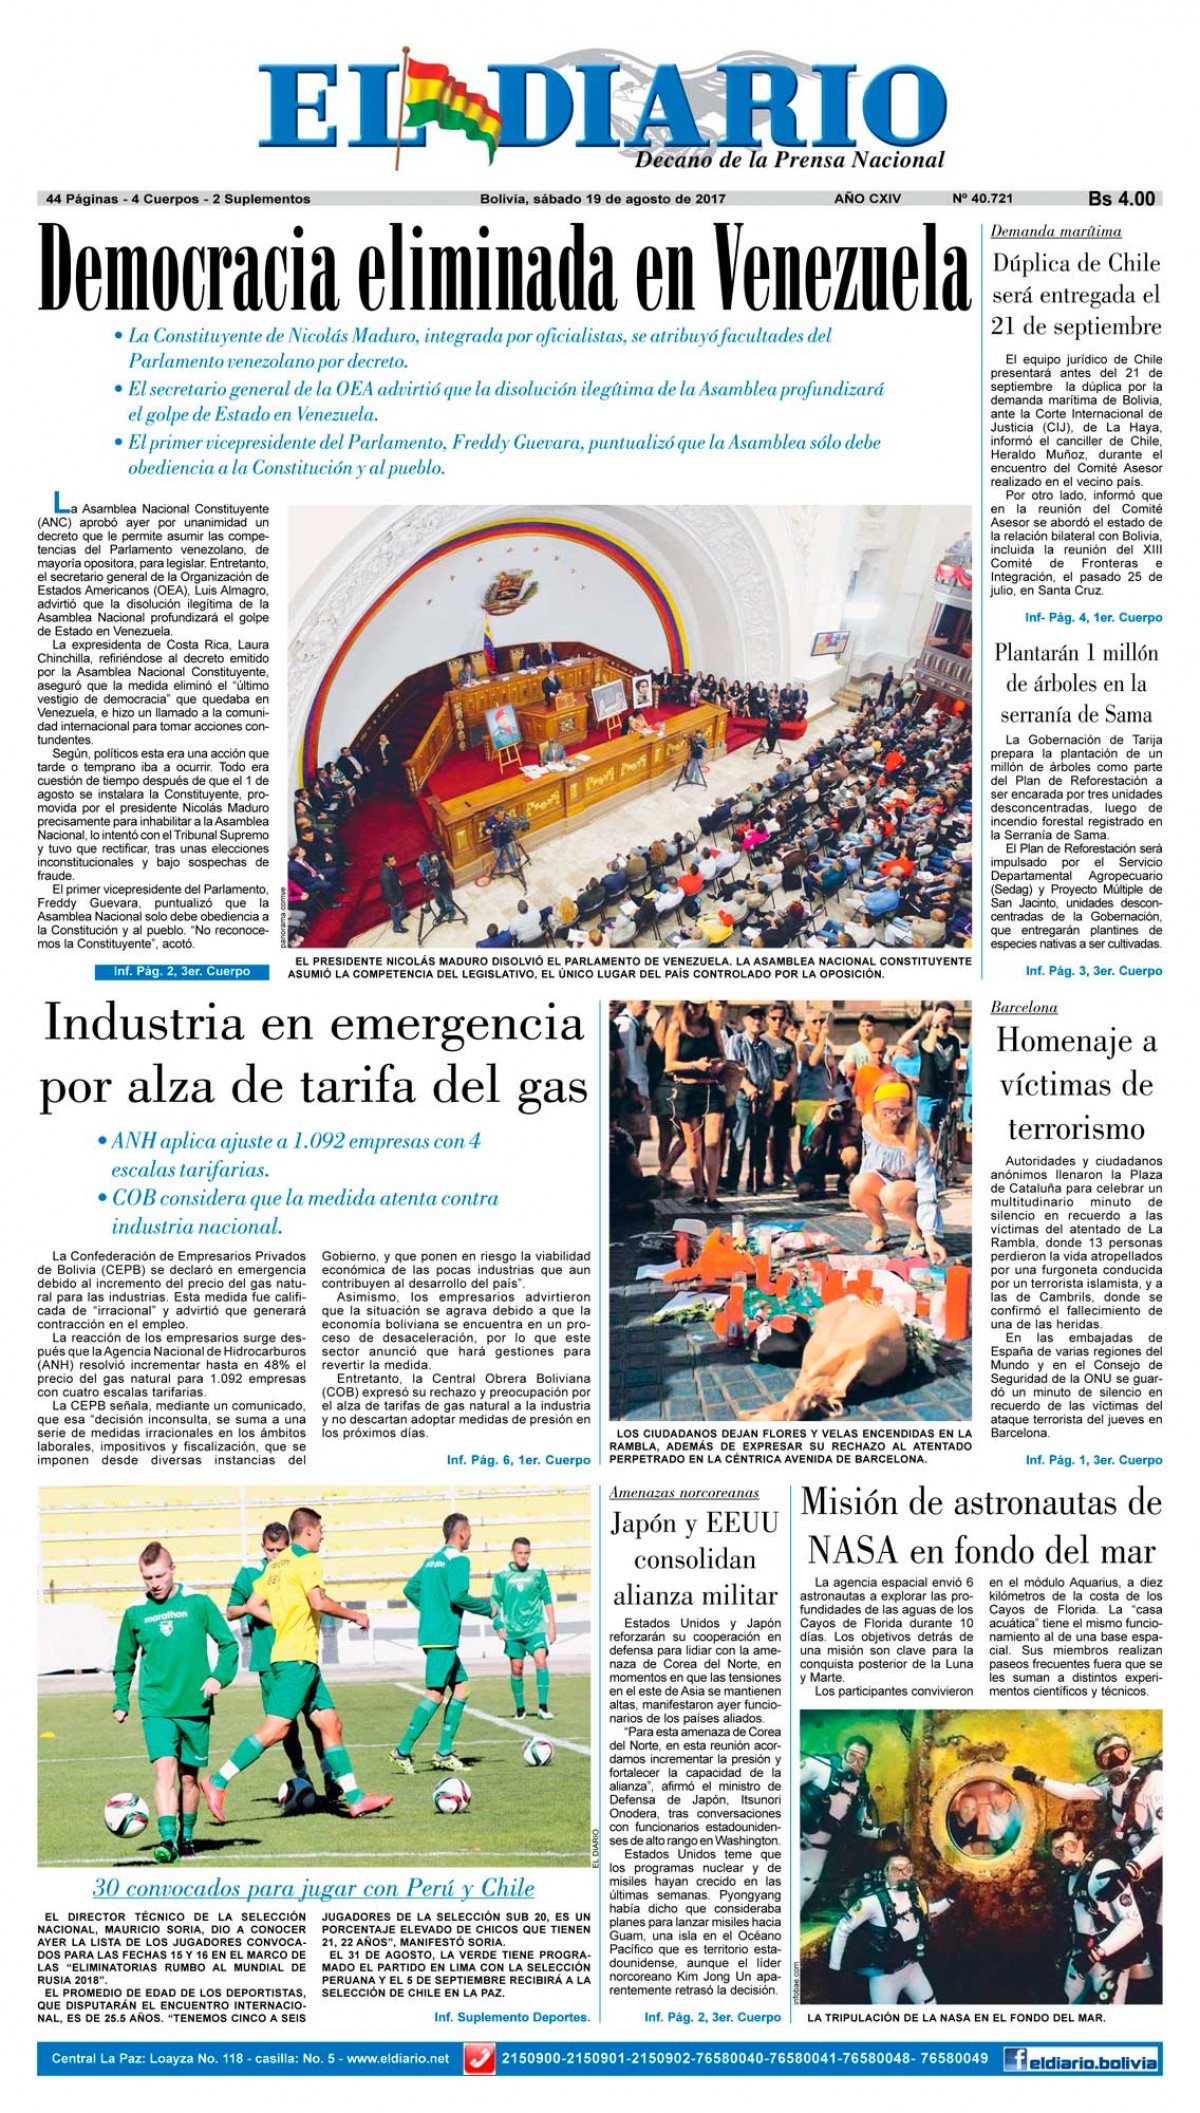 eldiario.net599824d23102b.jpg